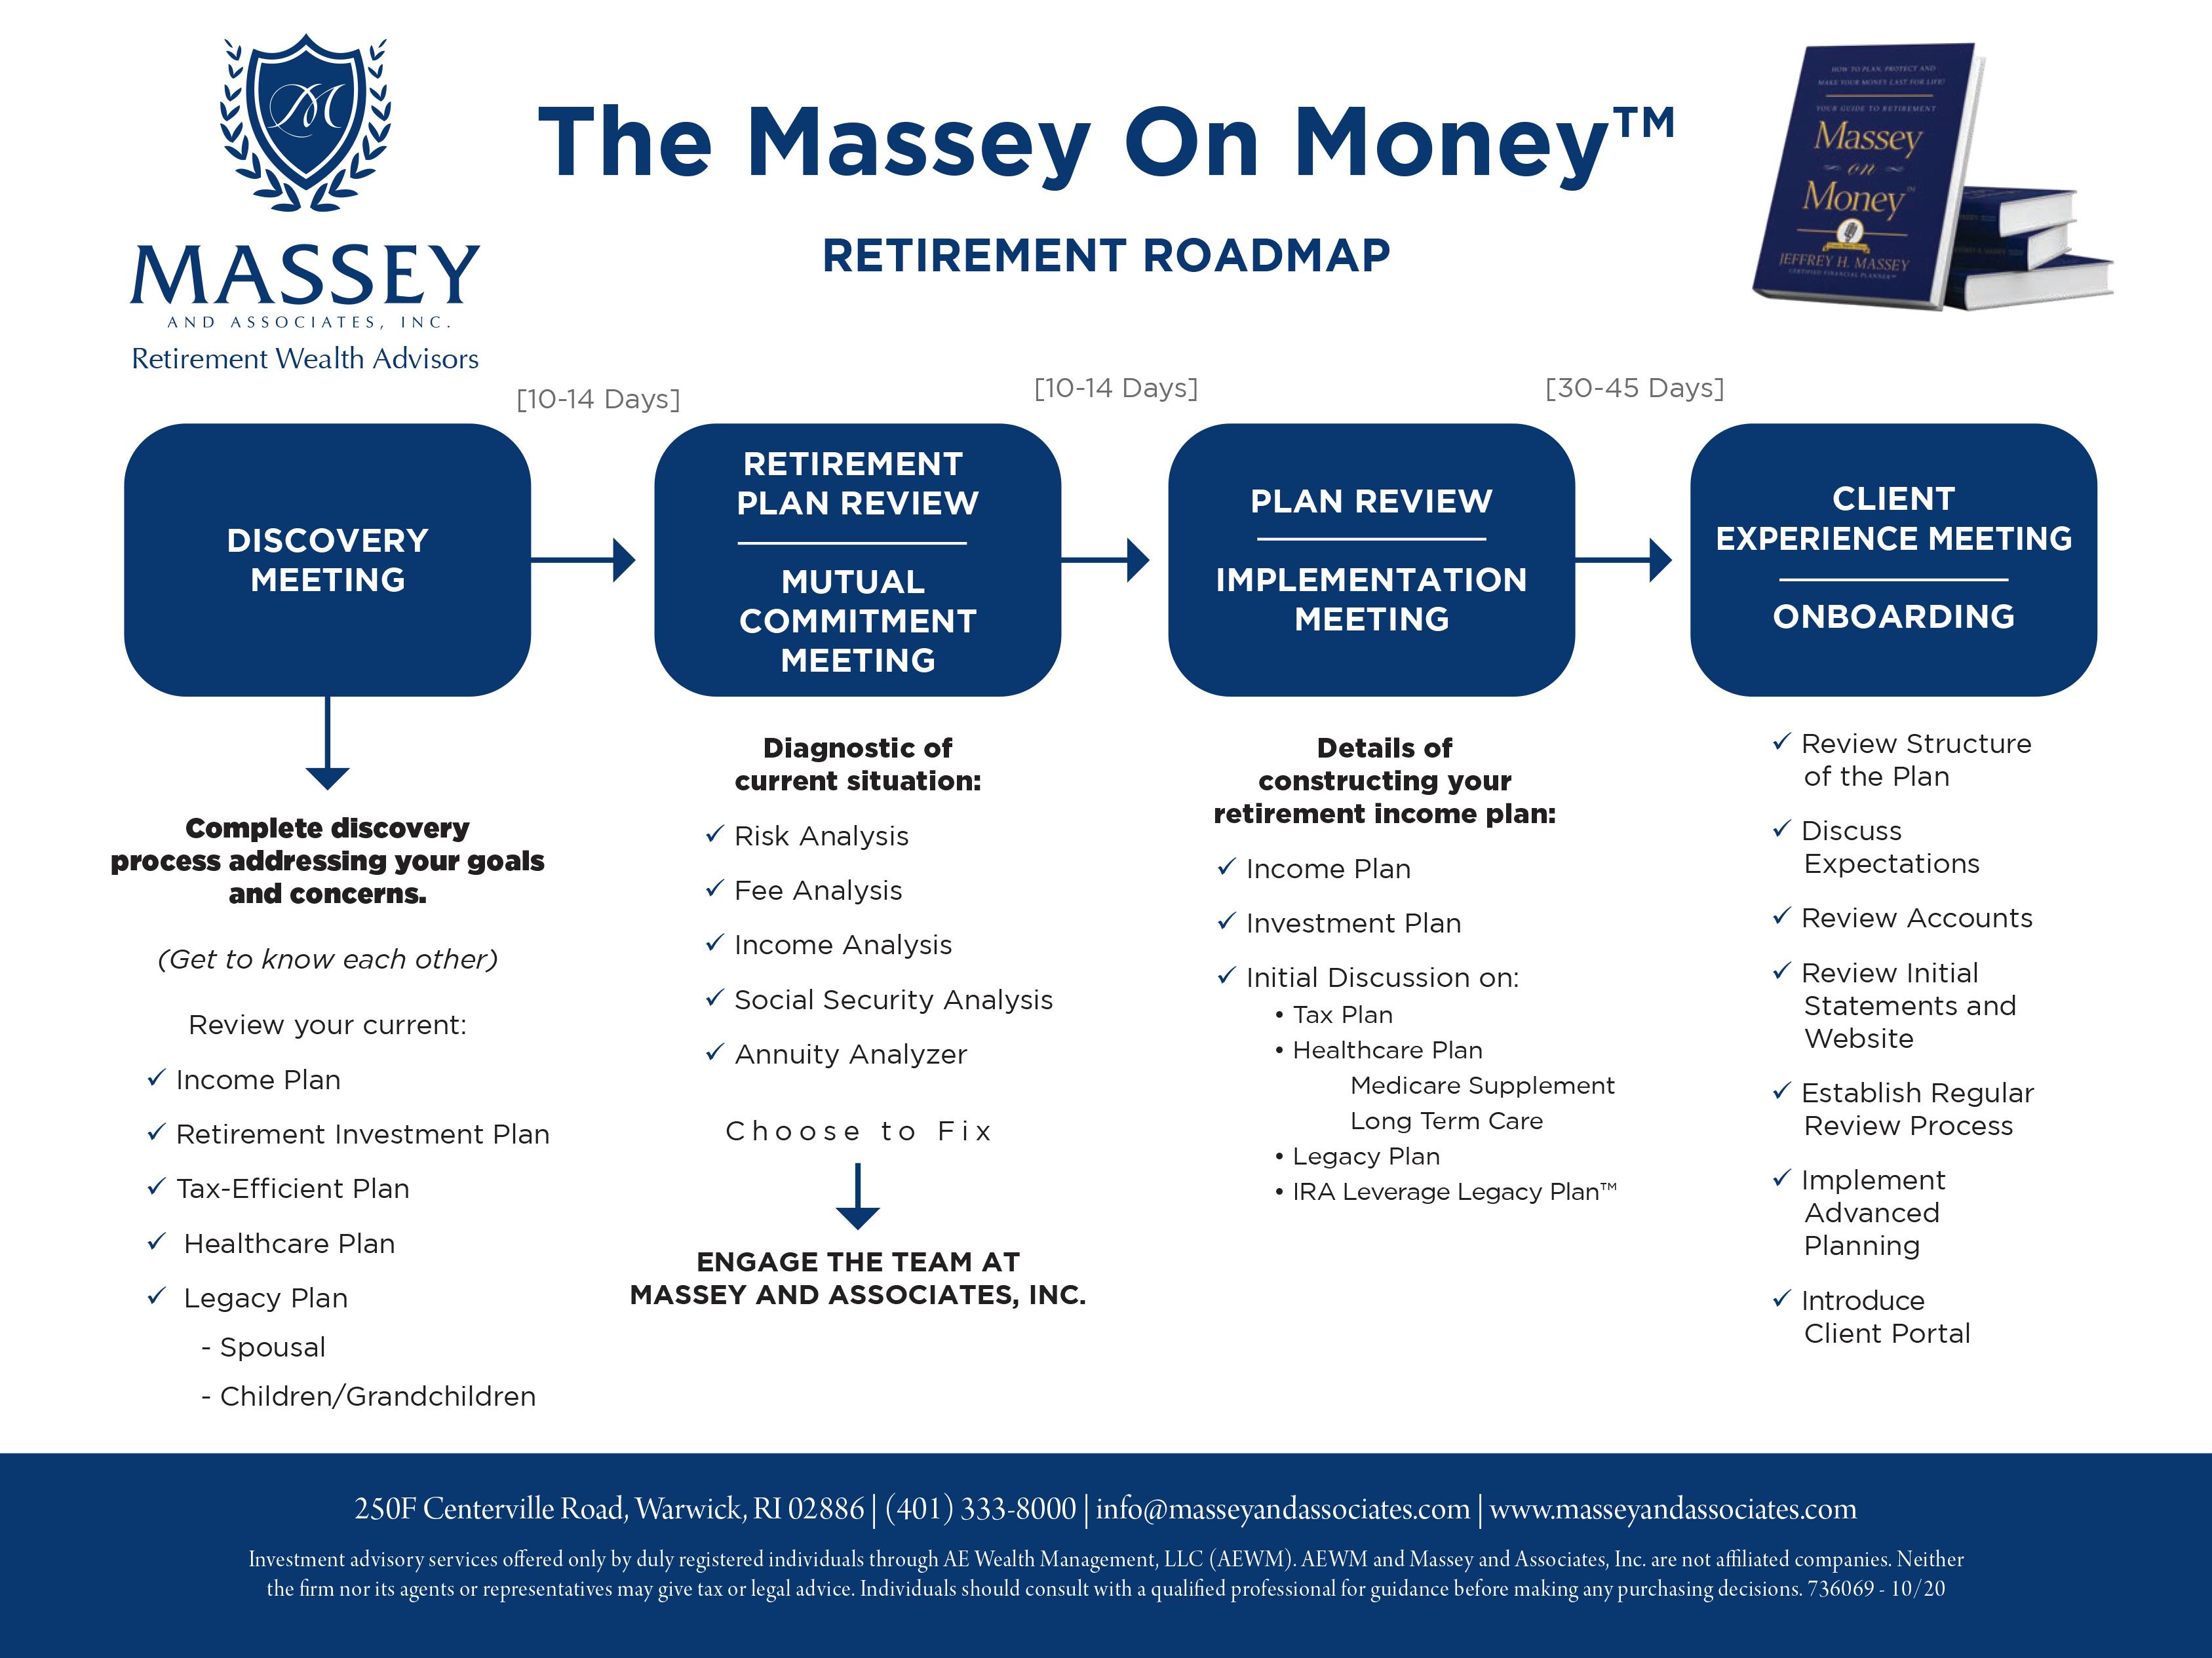 Massey and Associates_Process Agenda_BT